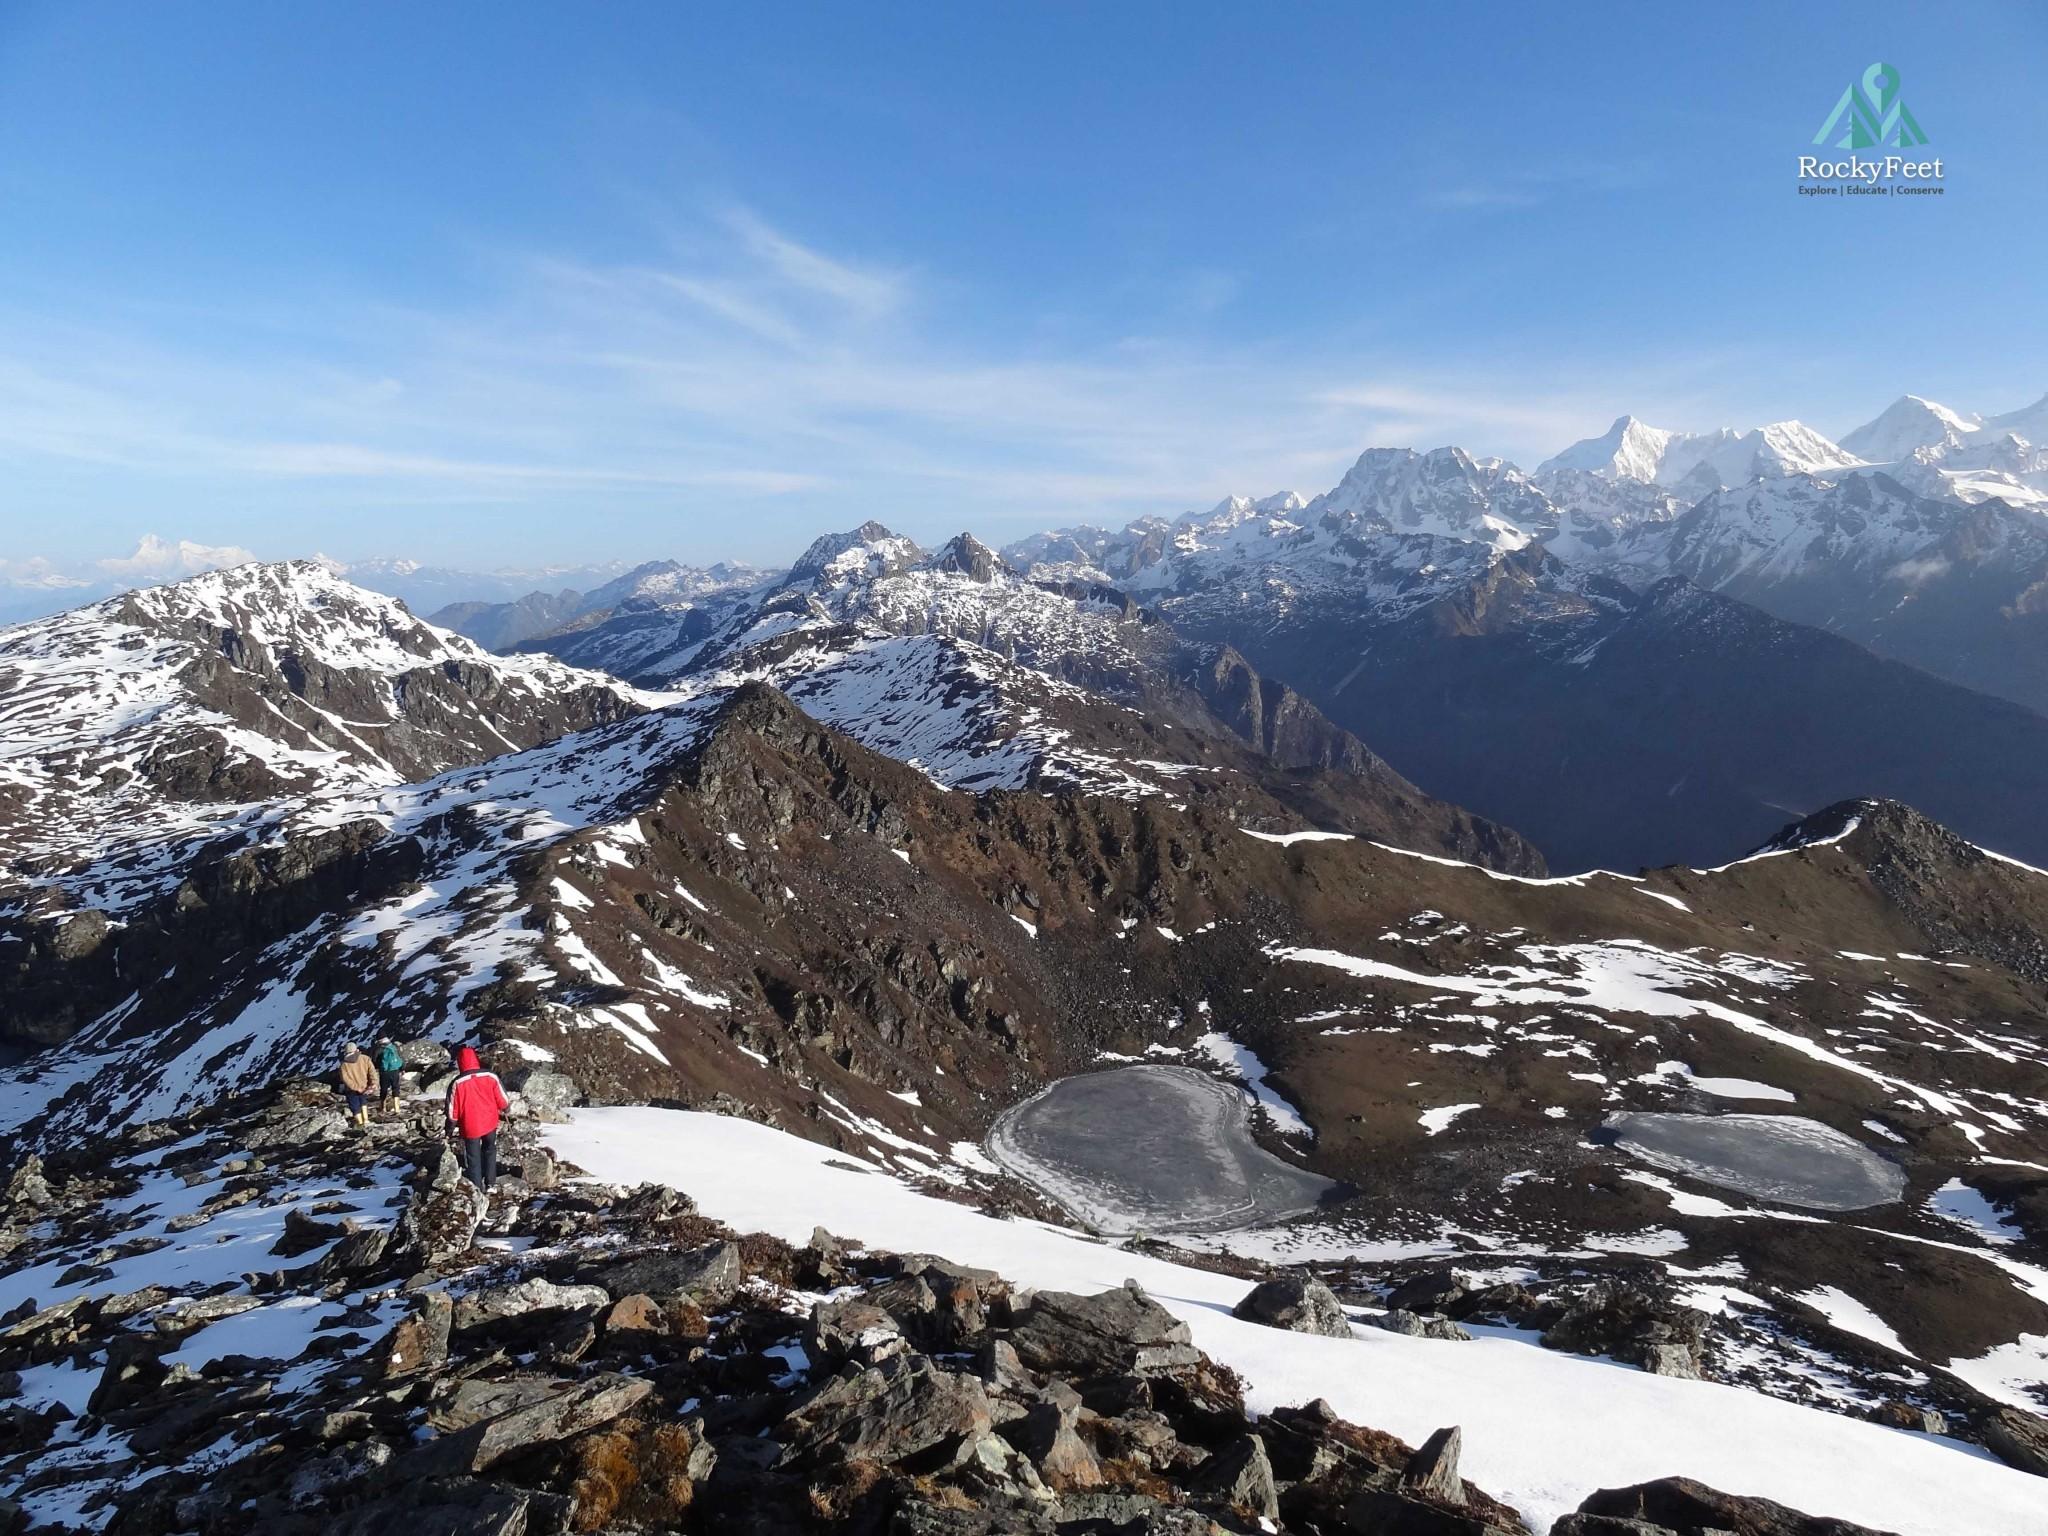 Walk along the ridge and savour the spectacular vista